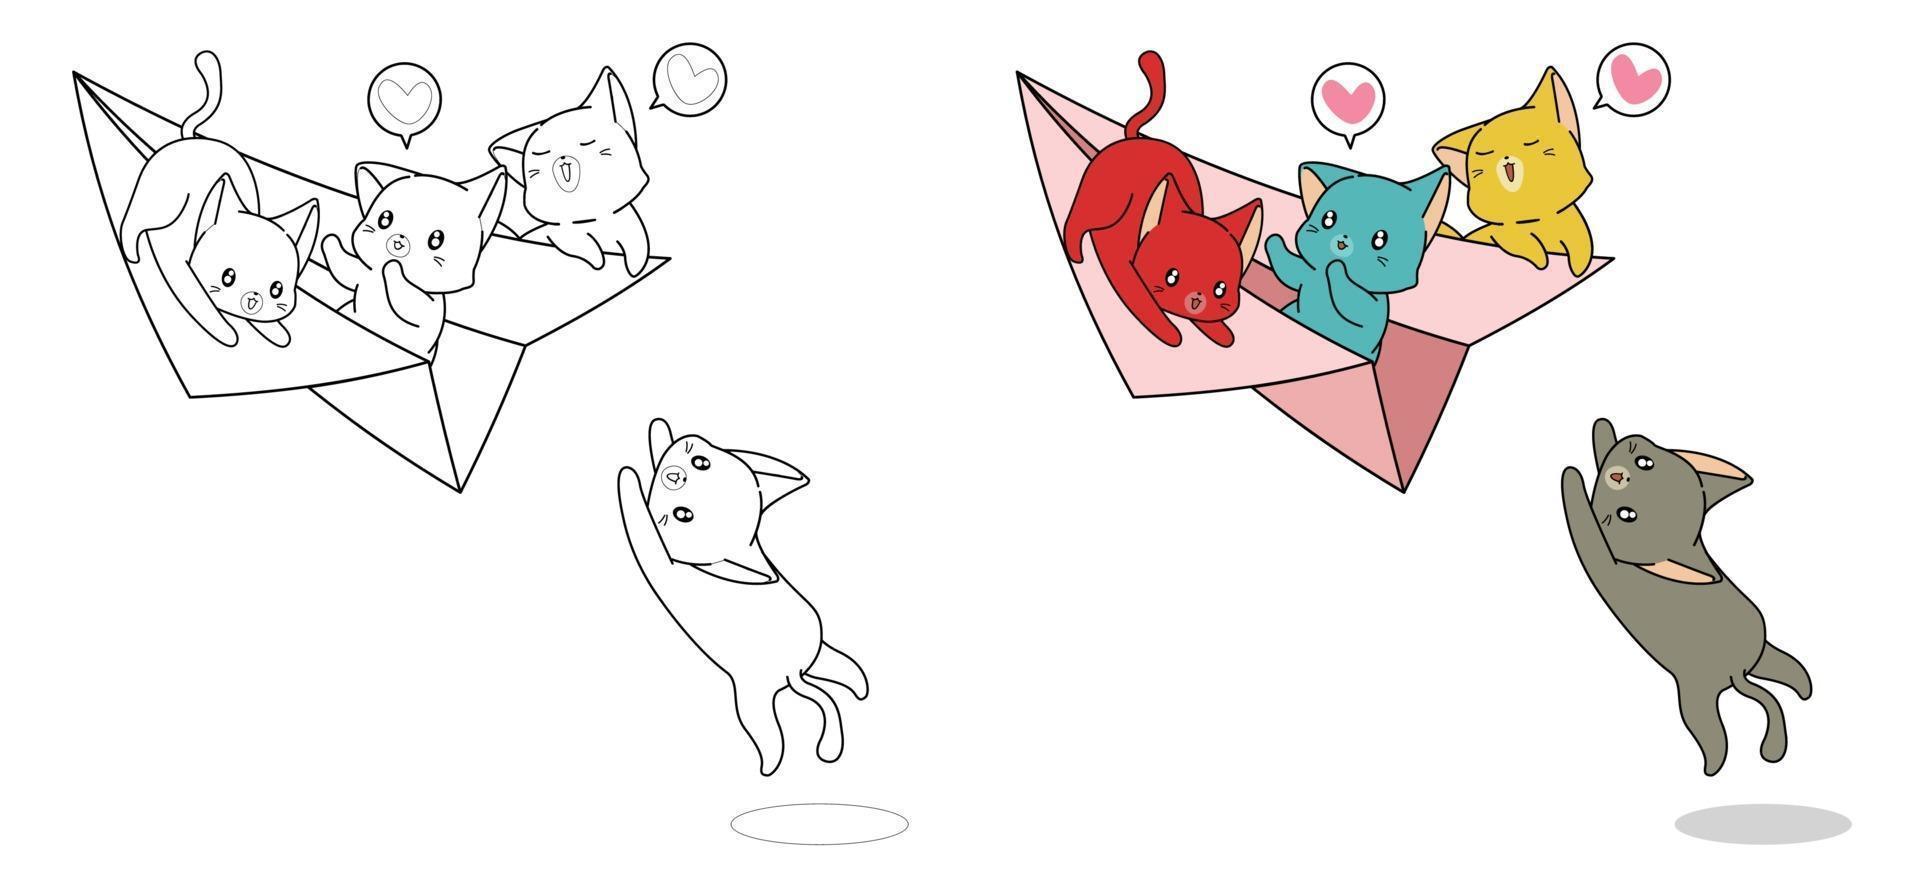 gatos estão brincando com desenhos de avião de papel para colorir facilmente para crianças vetor